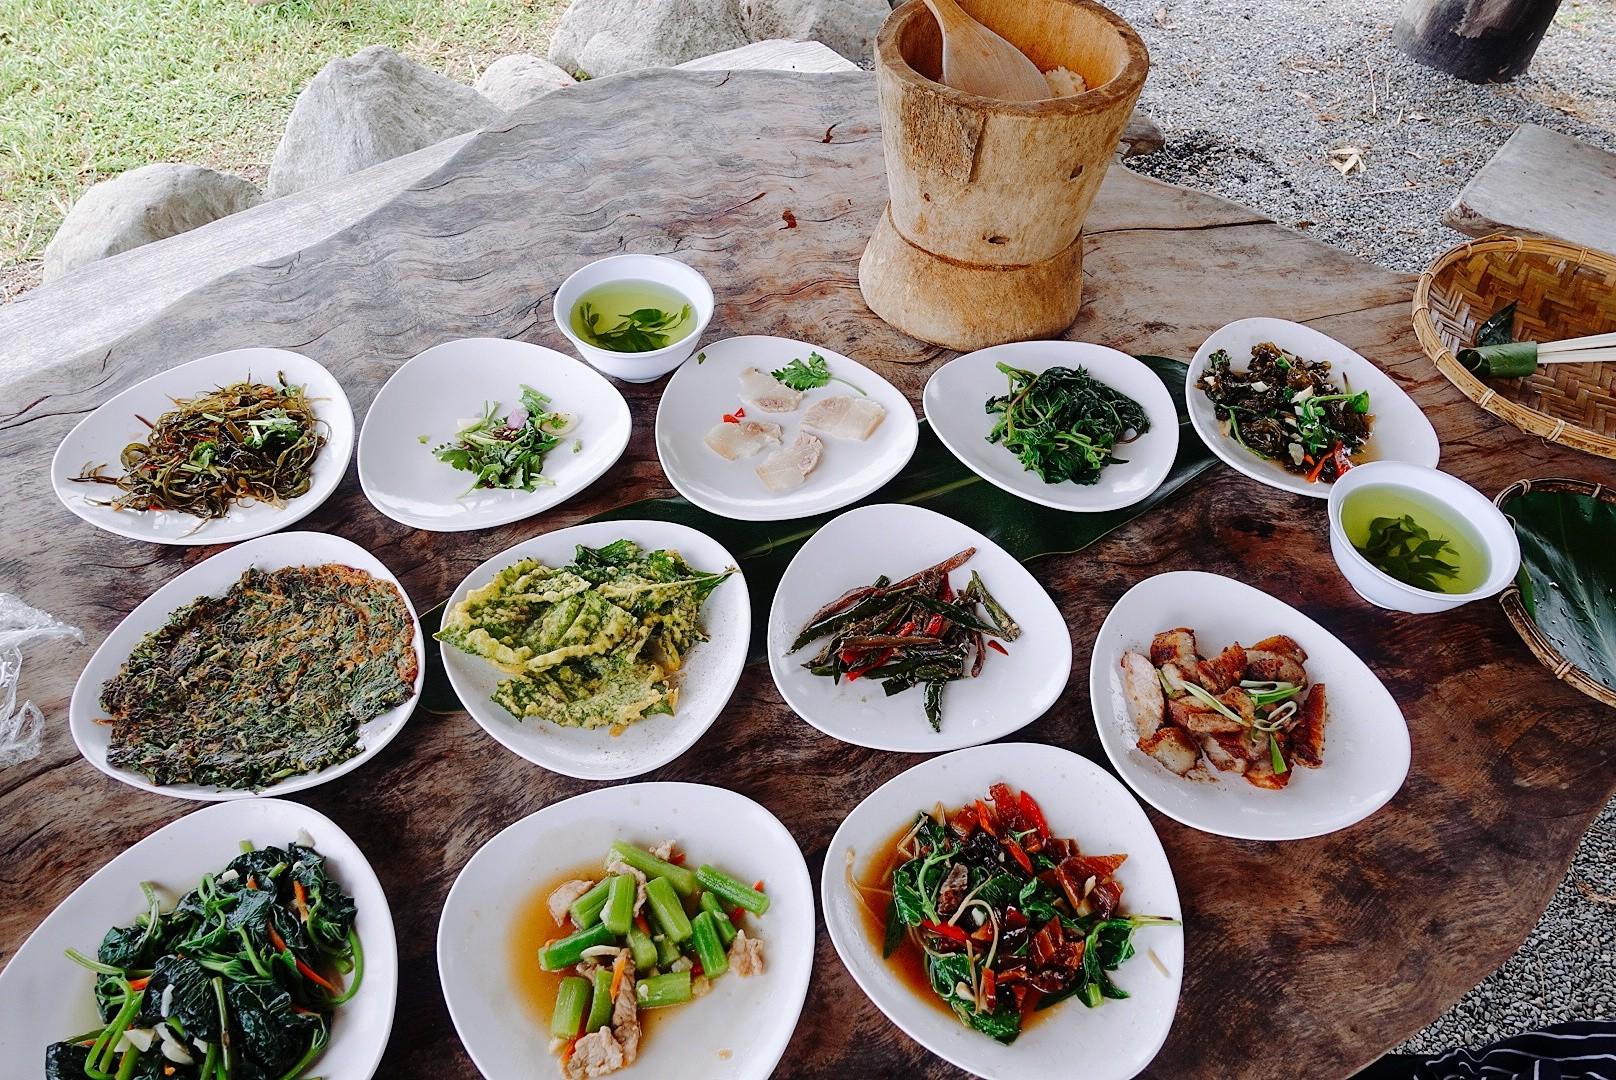 【台東東河】達麓岸部落屋|壯麗海景相伴的特色原住民無菜單料理